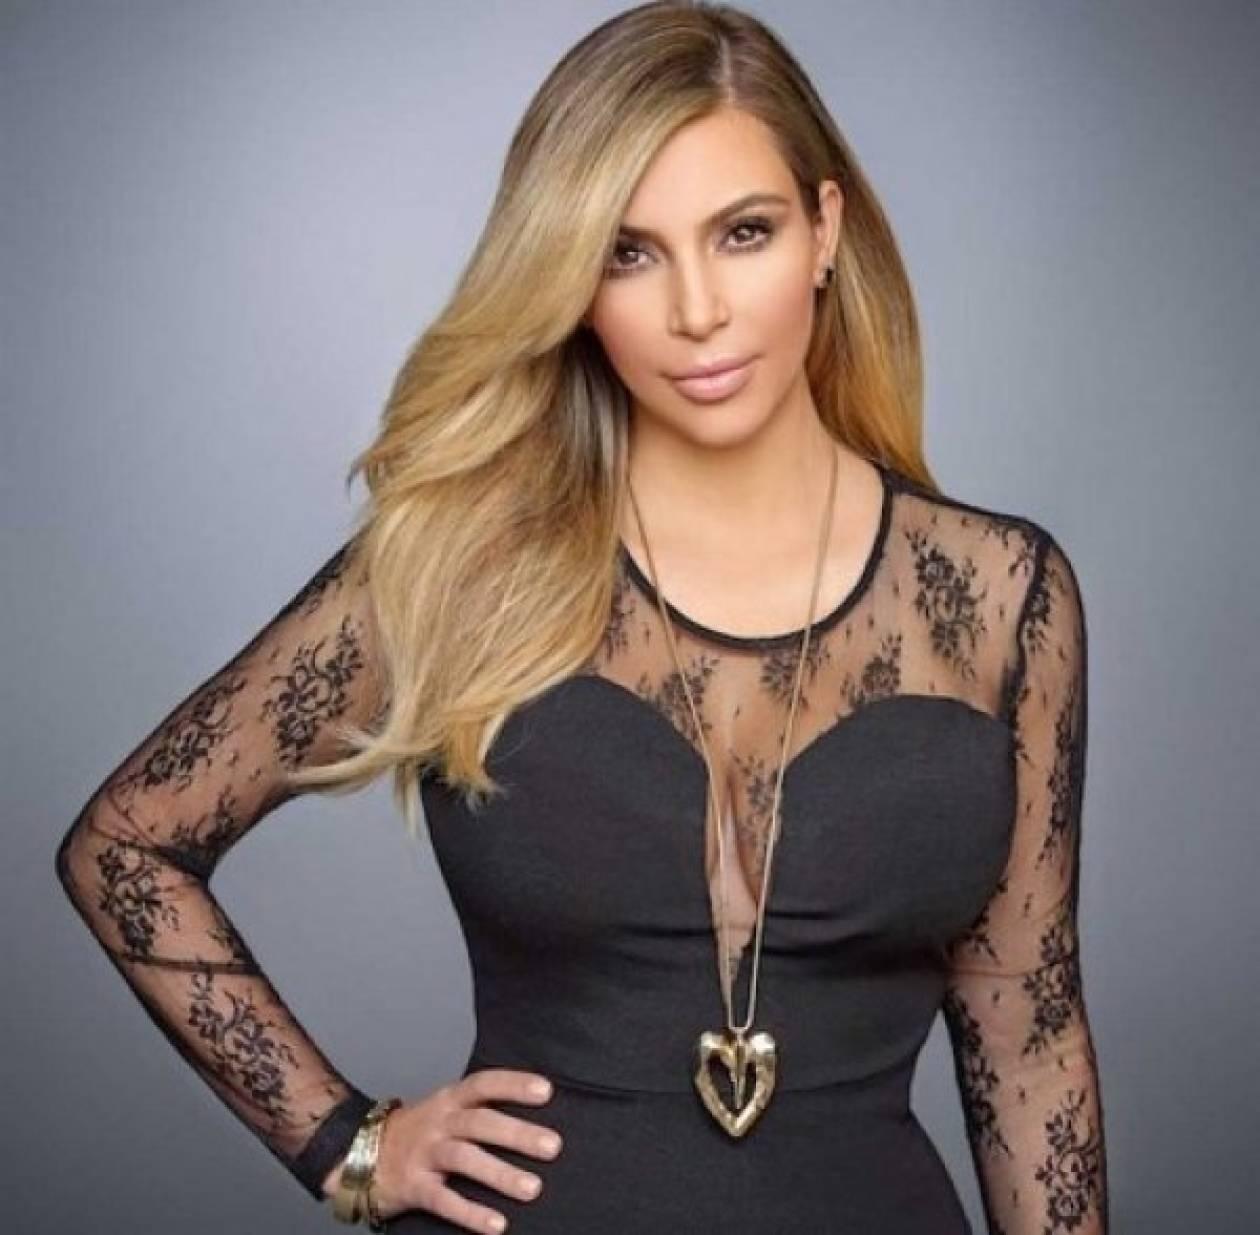 Οι γιατροί αναλύουν το πρόσωπο της Kim: Step by step όλες οι πλαστικές